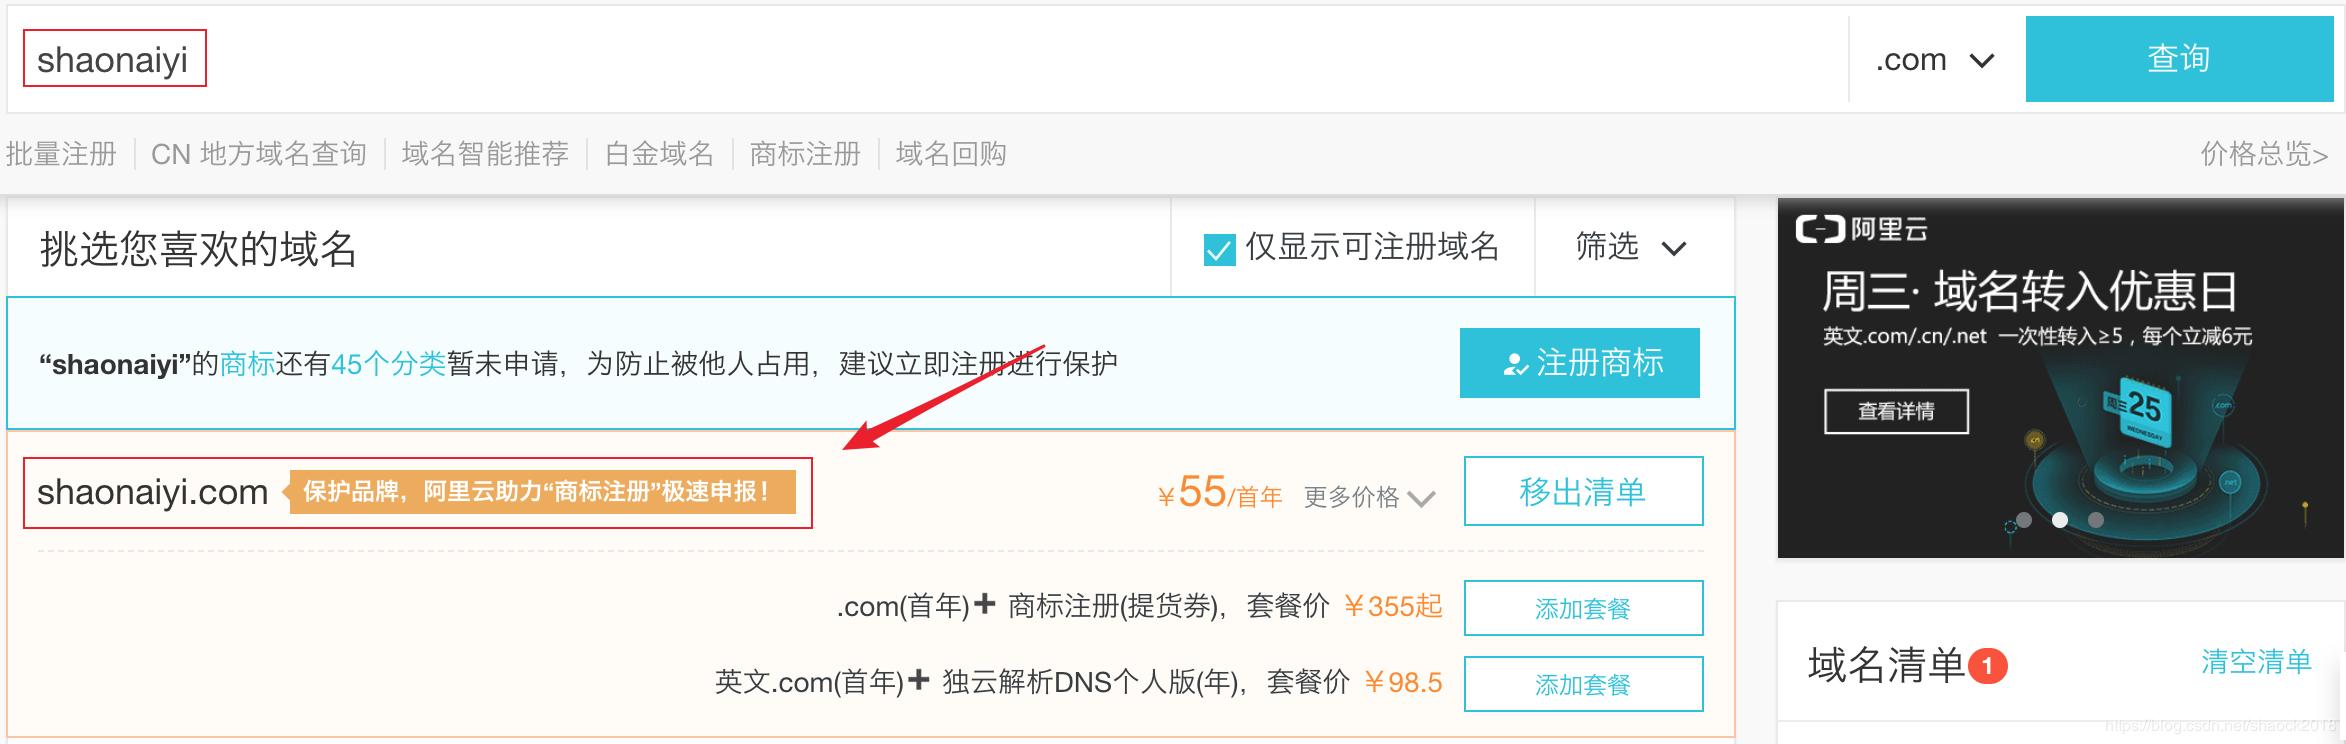 阿里云域名购买与域名解析使用教程(图文教程)